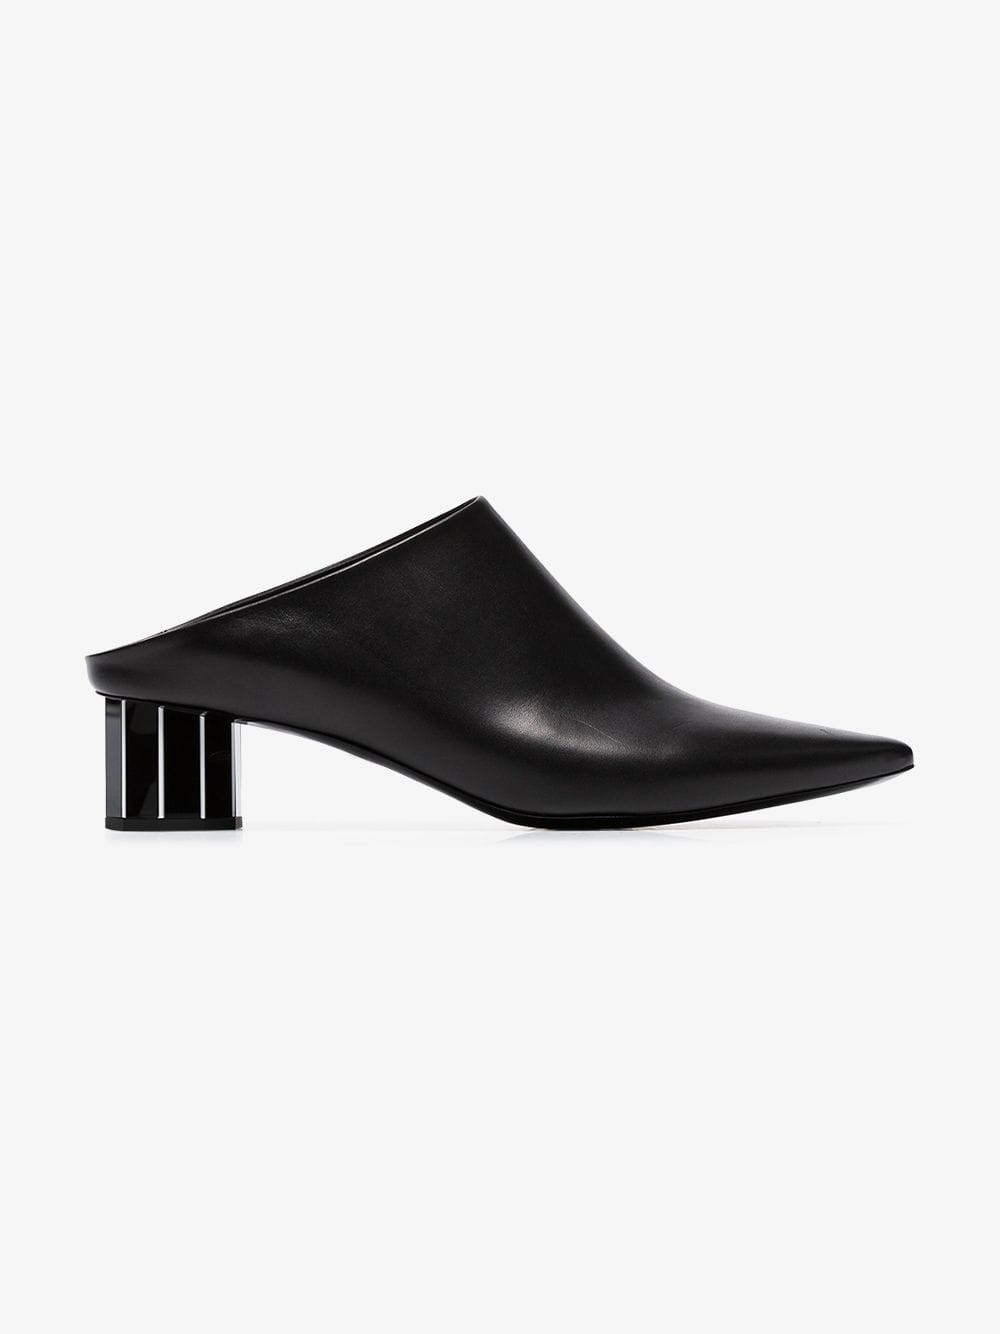 Proenza Schouler Plexi Heel Mules in black